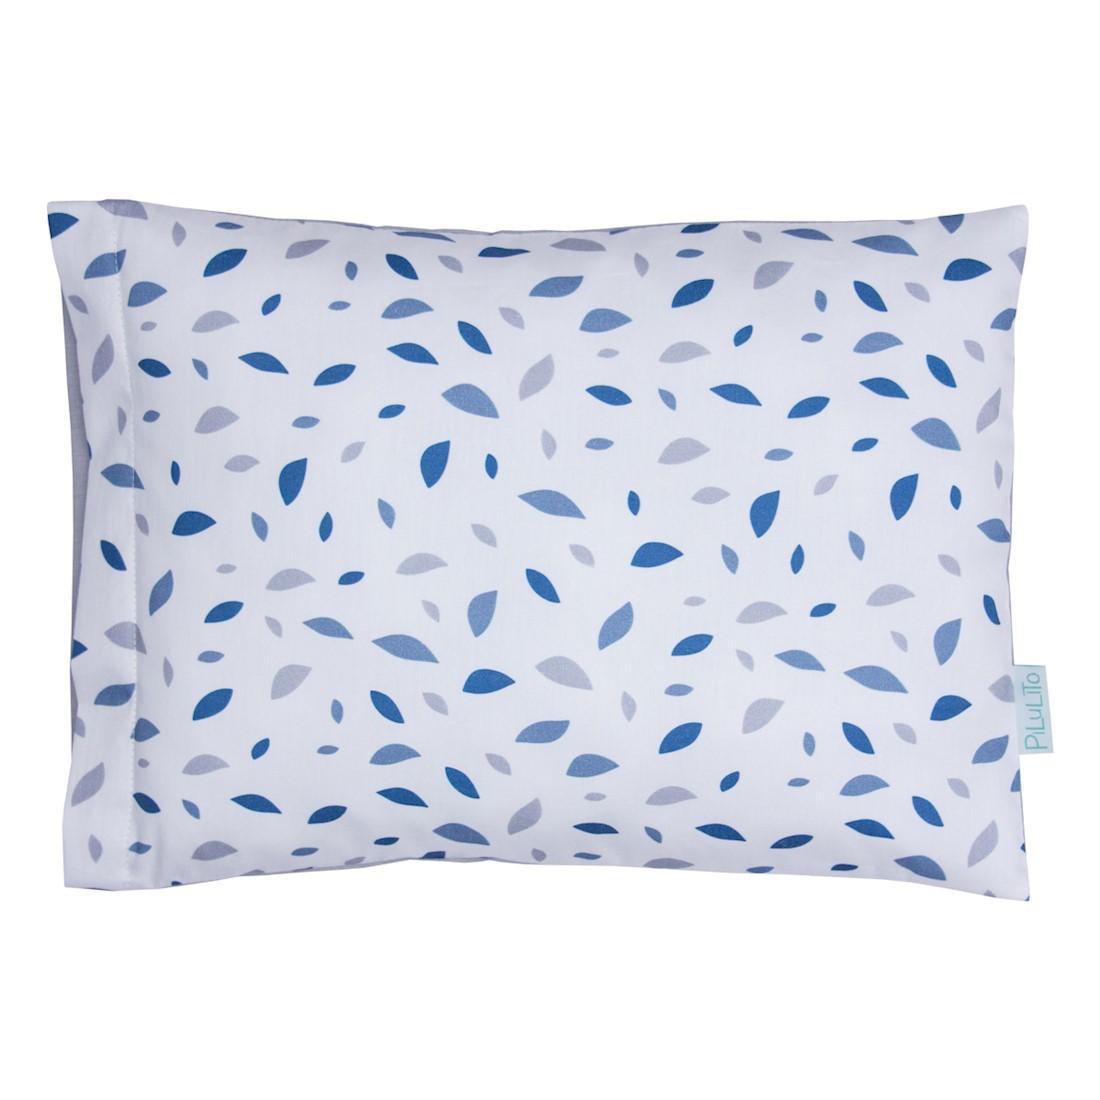 Fronha chão de folhas azul cobalto